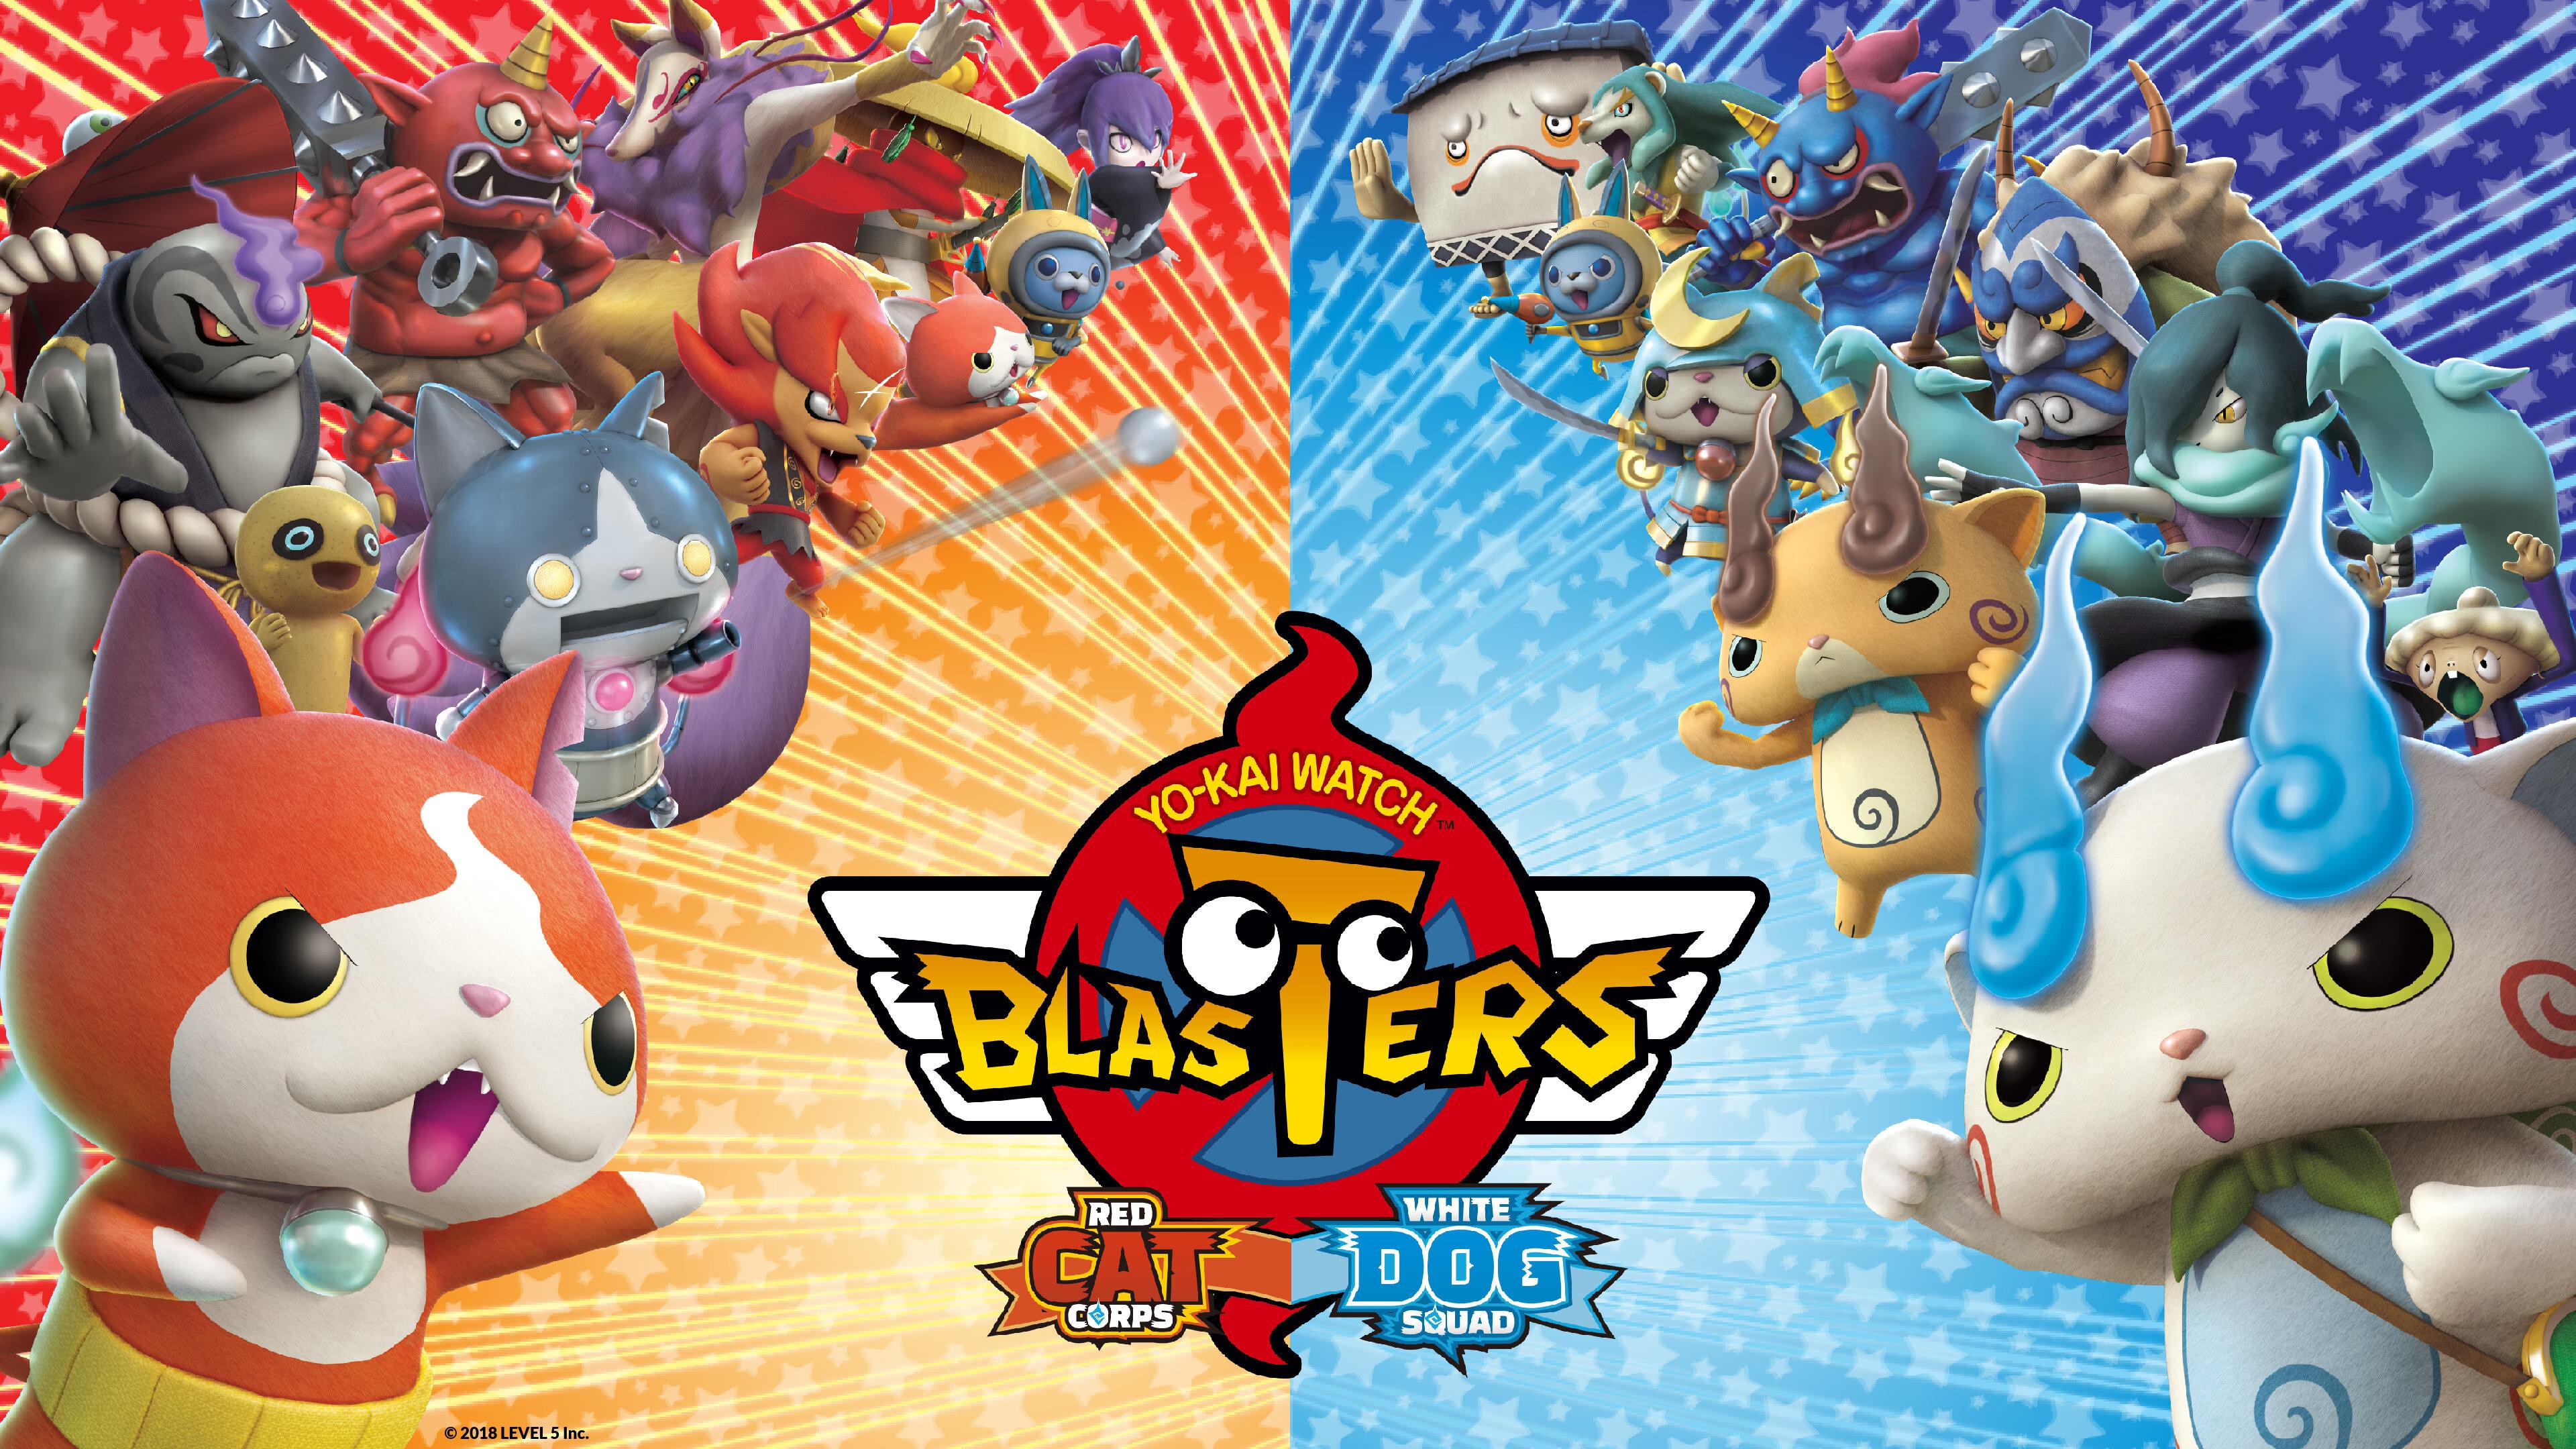 yo kai watch blasters uhd 4k wallpaper